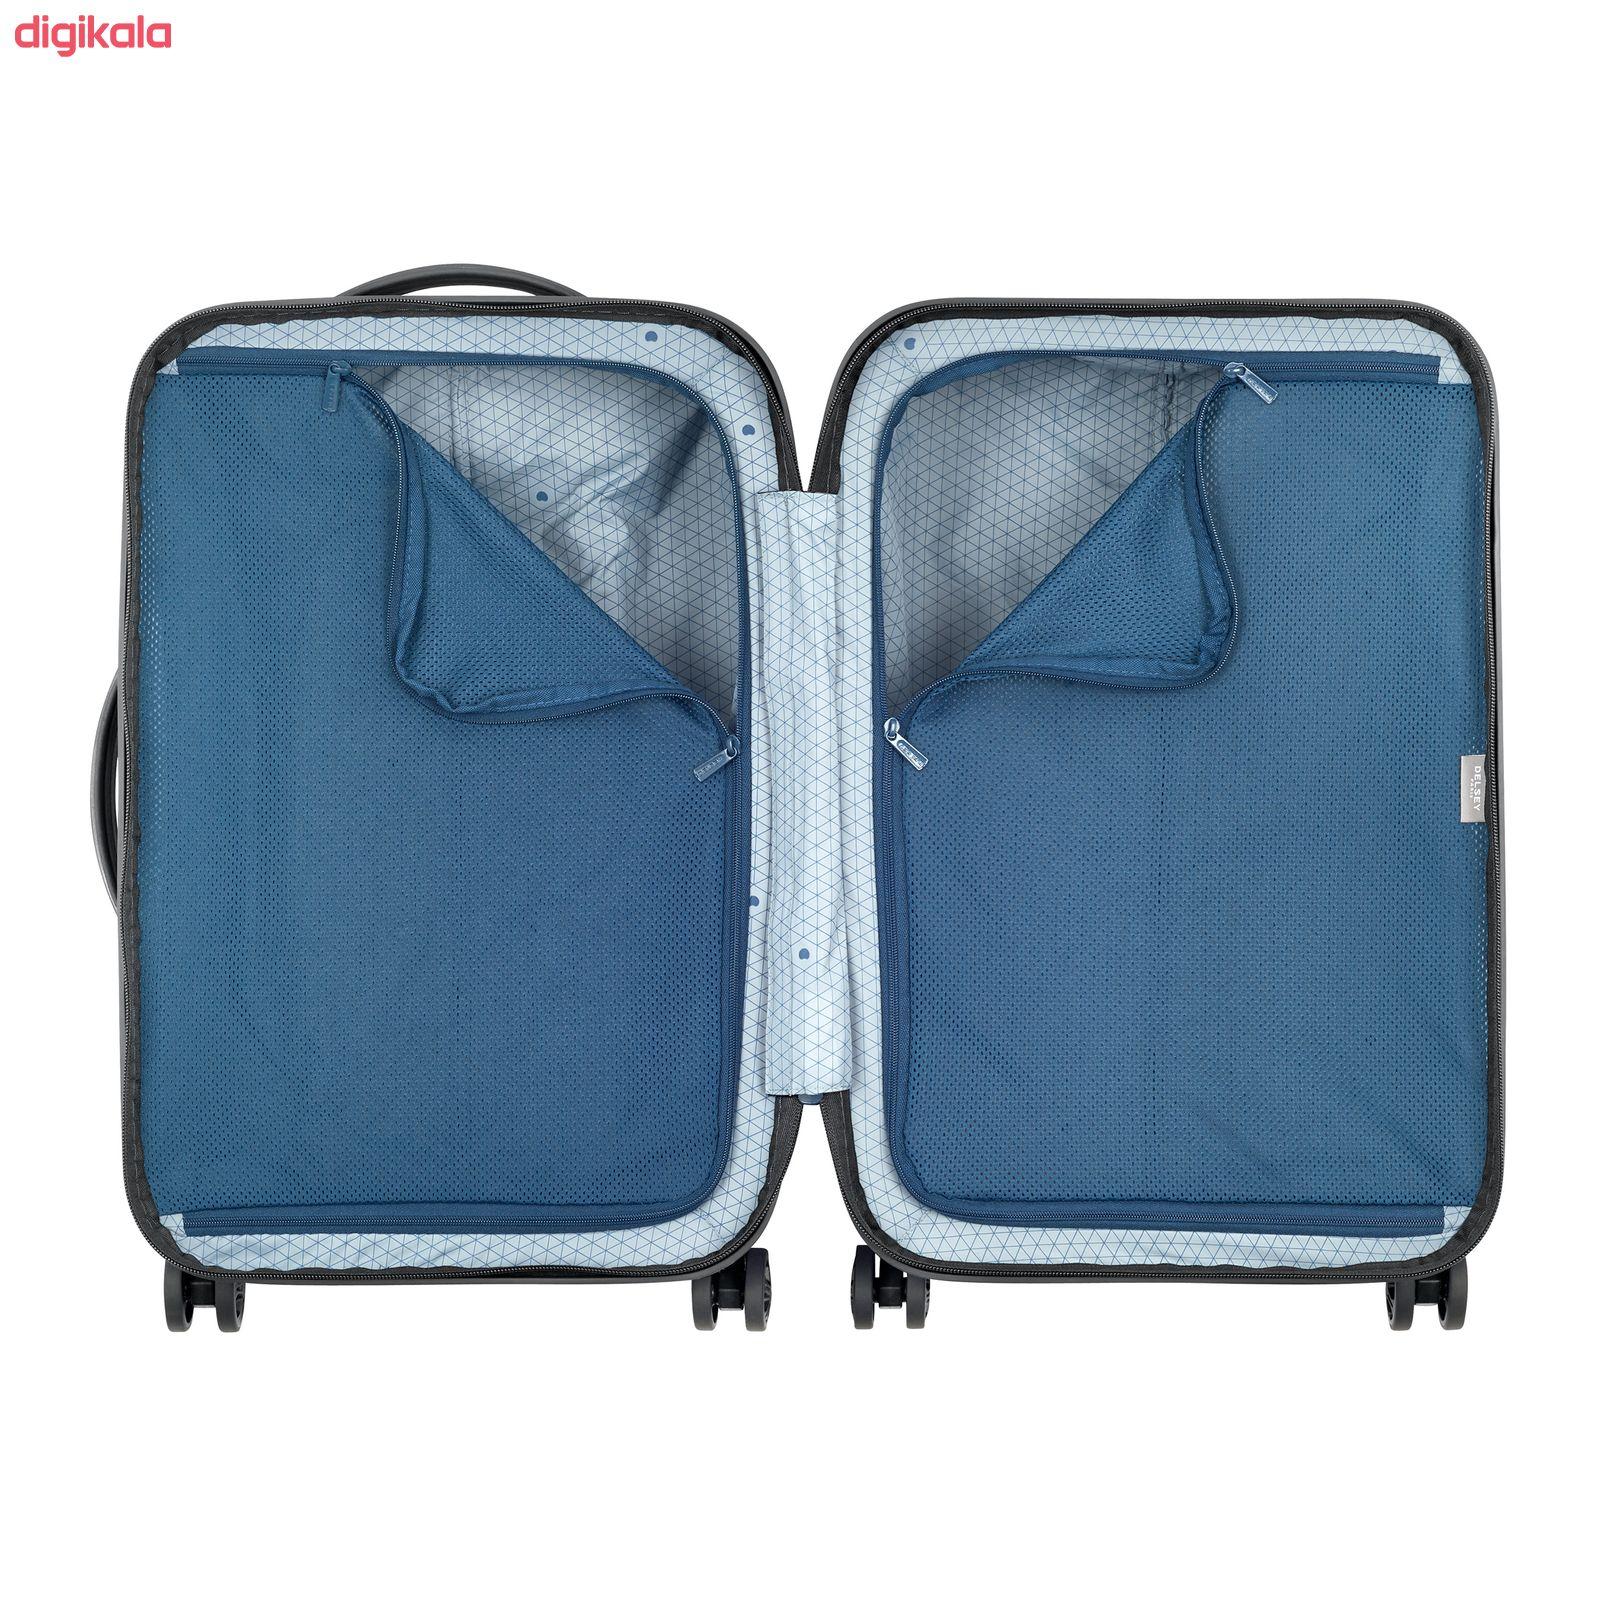 چمدان دلسی مدل TURENNE کد 1621801 سایز کوچک main 1 2